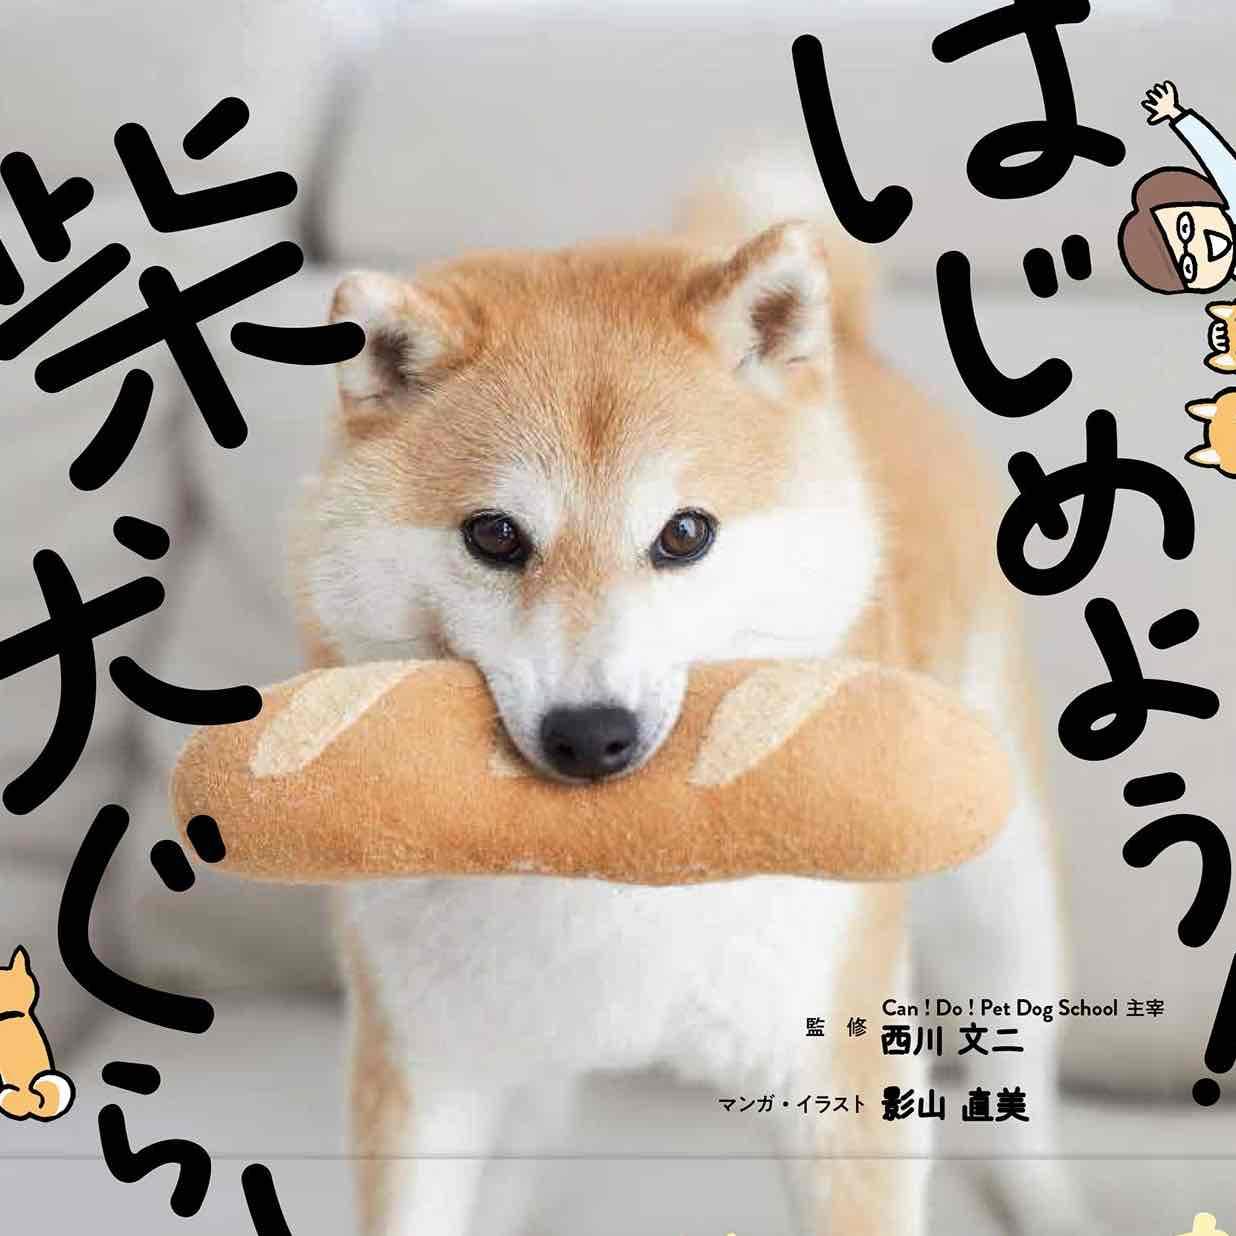 柴犬🐕じゅんのプロフィール画像